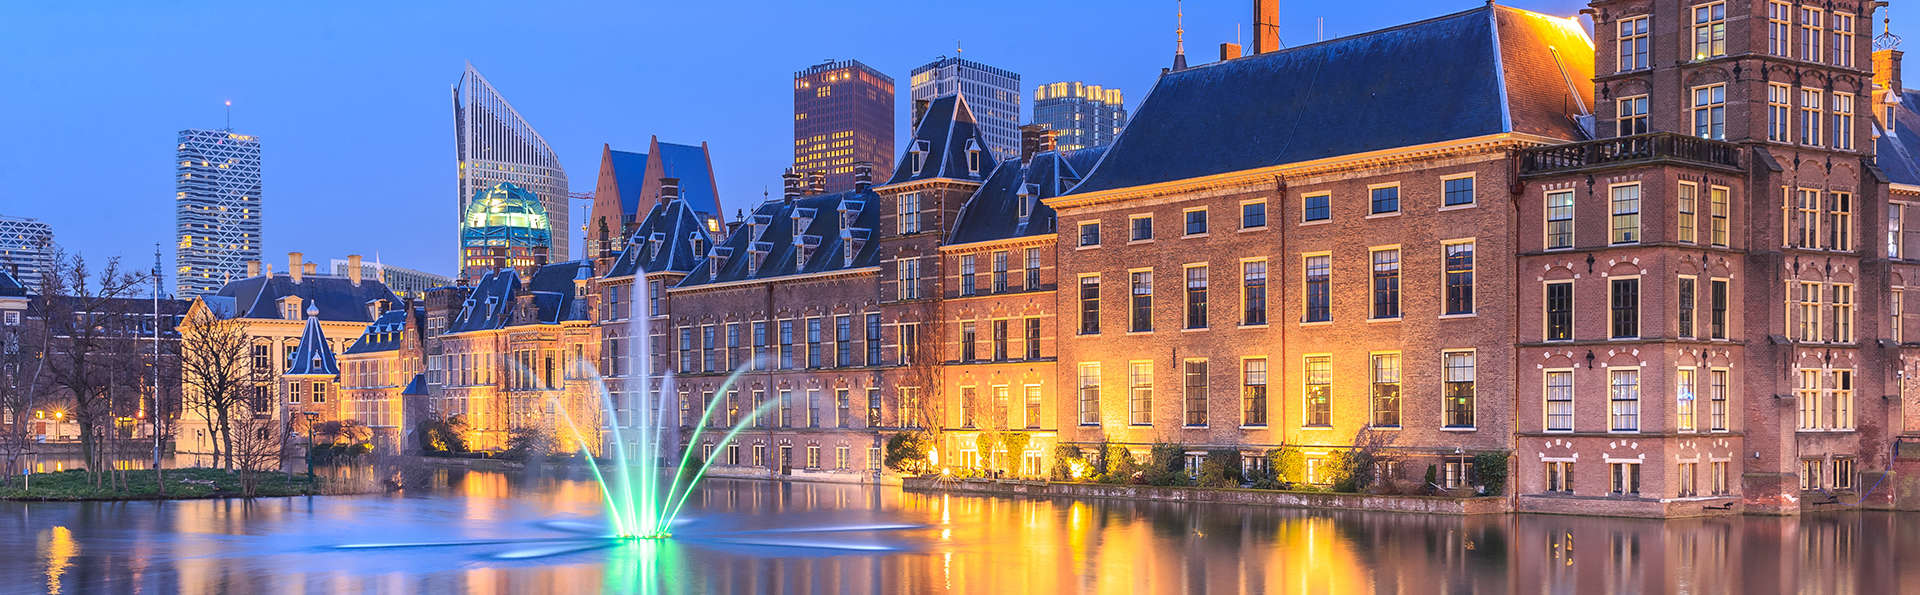 Van der Valk Hotel Den Haag - Nootdorp - Edit_Destination.jpg